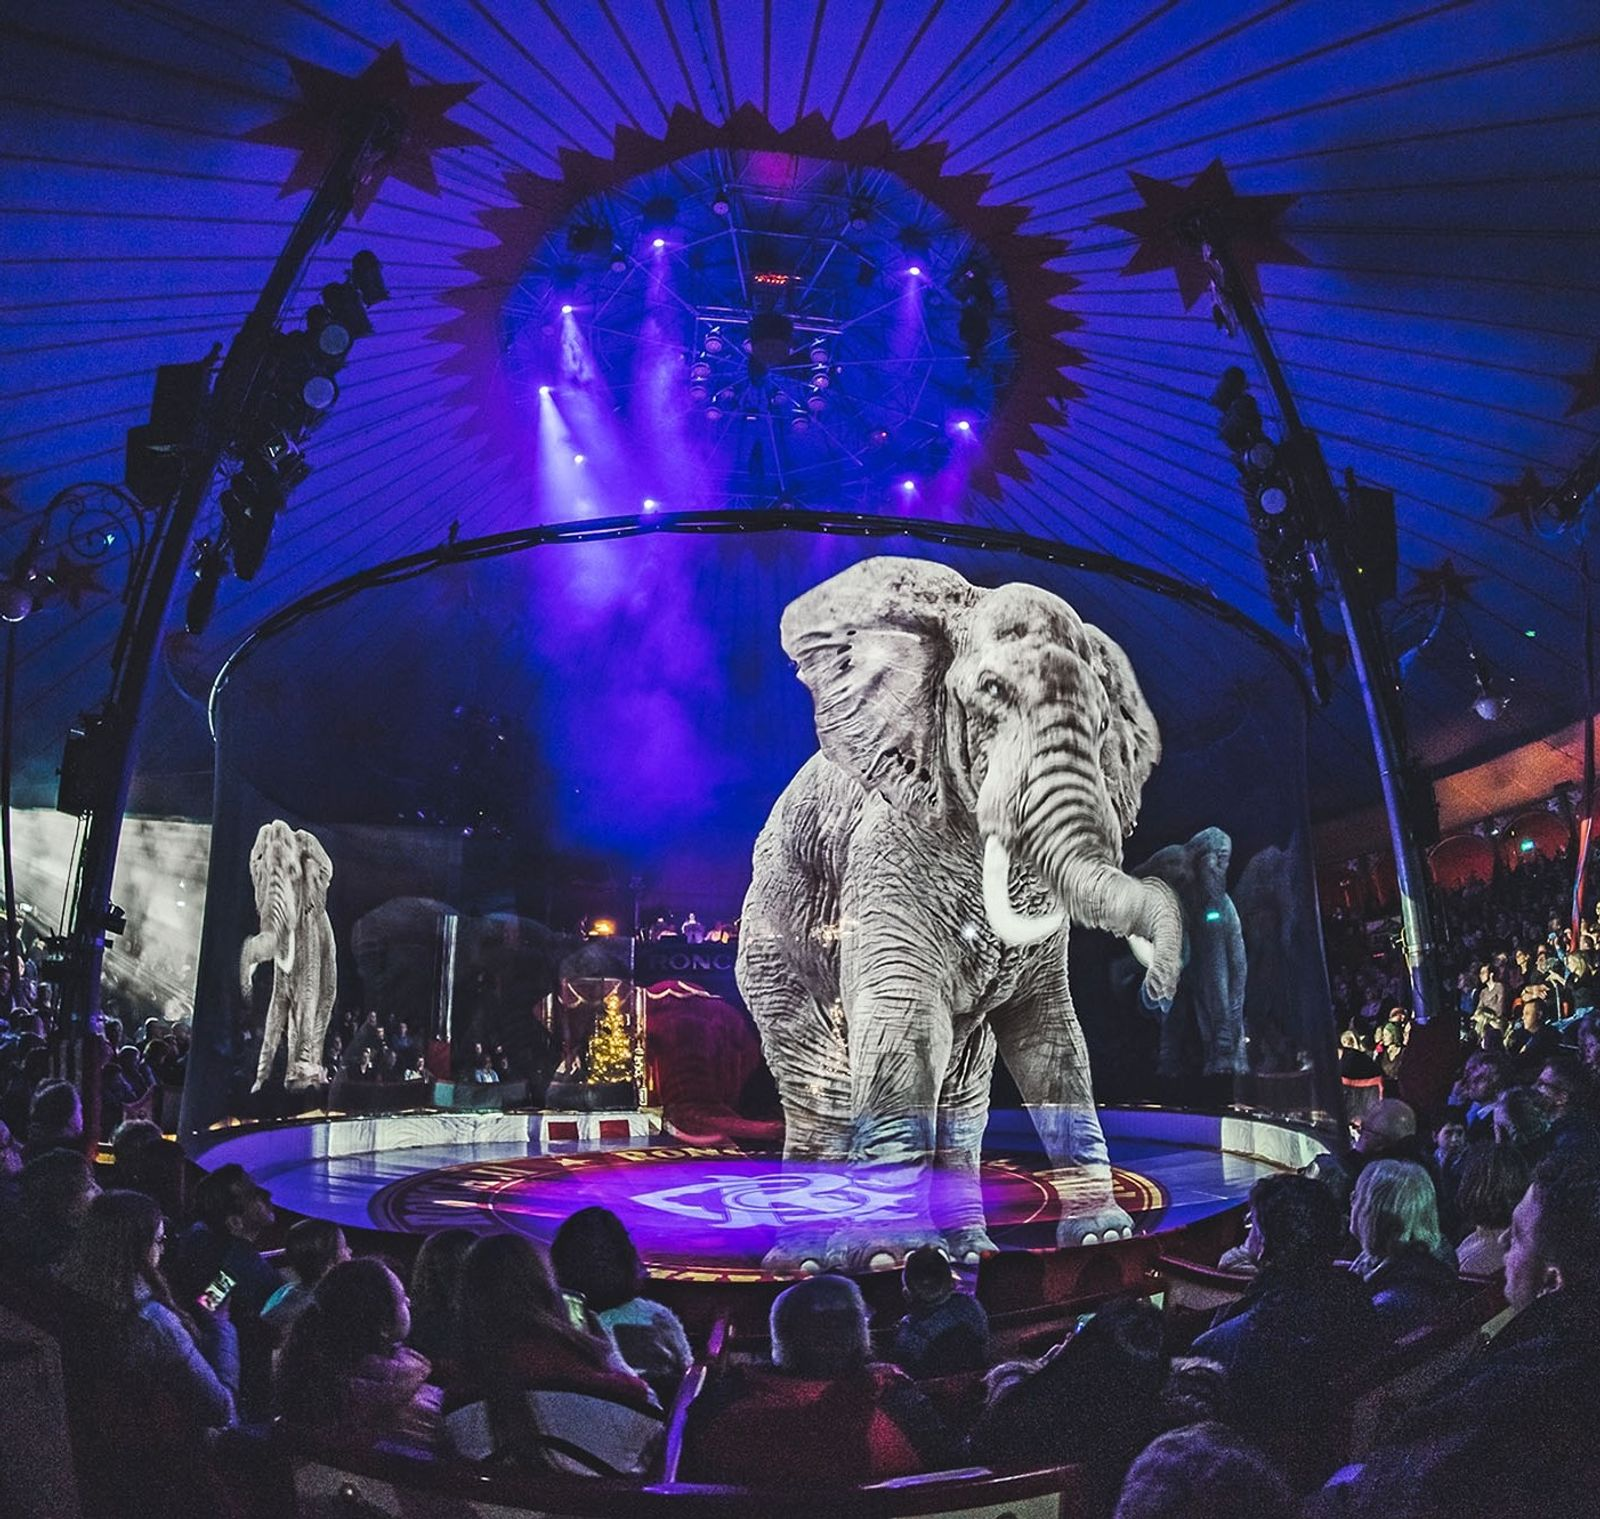 Elefantes holográficos, e outras inovações, lançam novo olhar sobre tradição